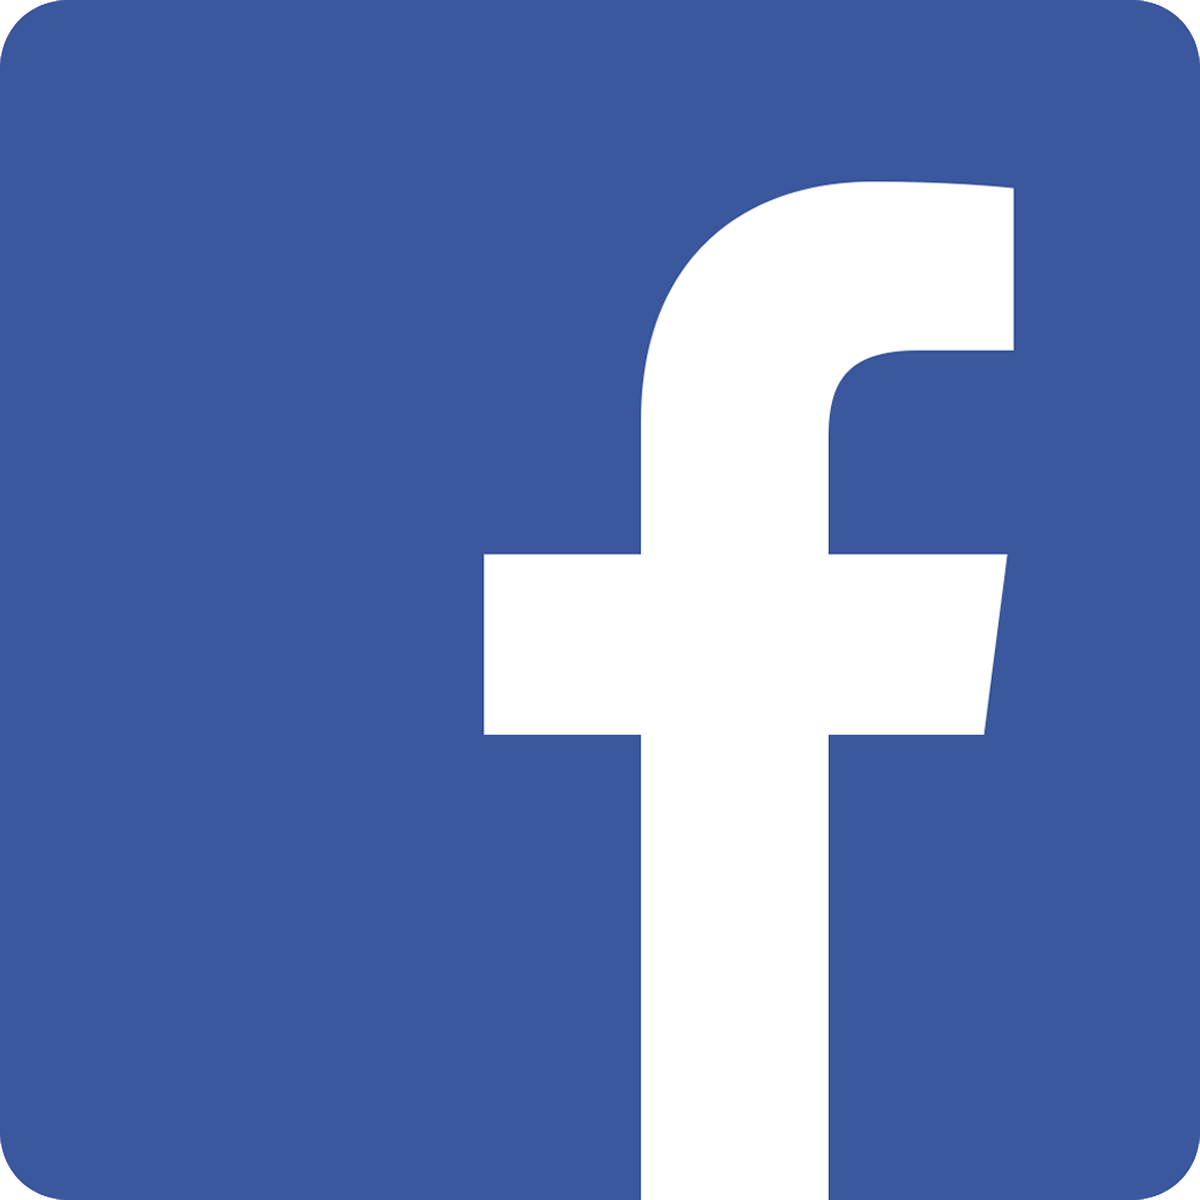 facebook logo vector marsfall rh marsfallpodcast com vector image of facebook logo new facebook logo vector